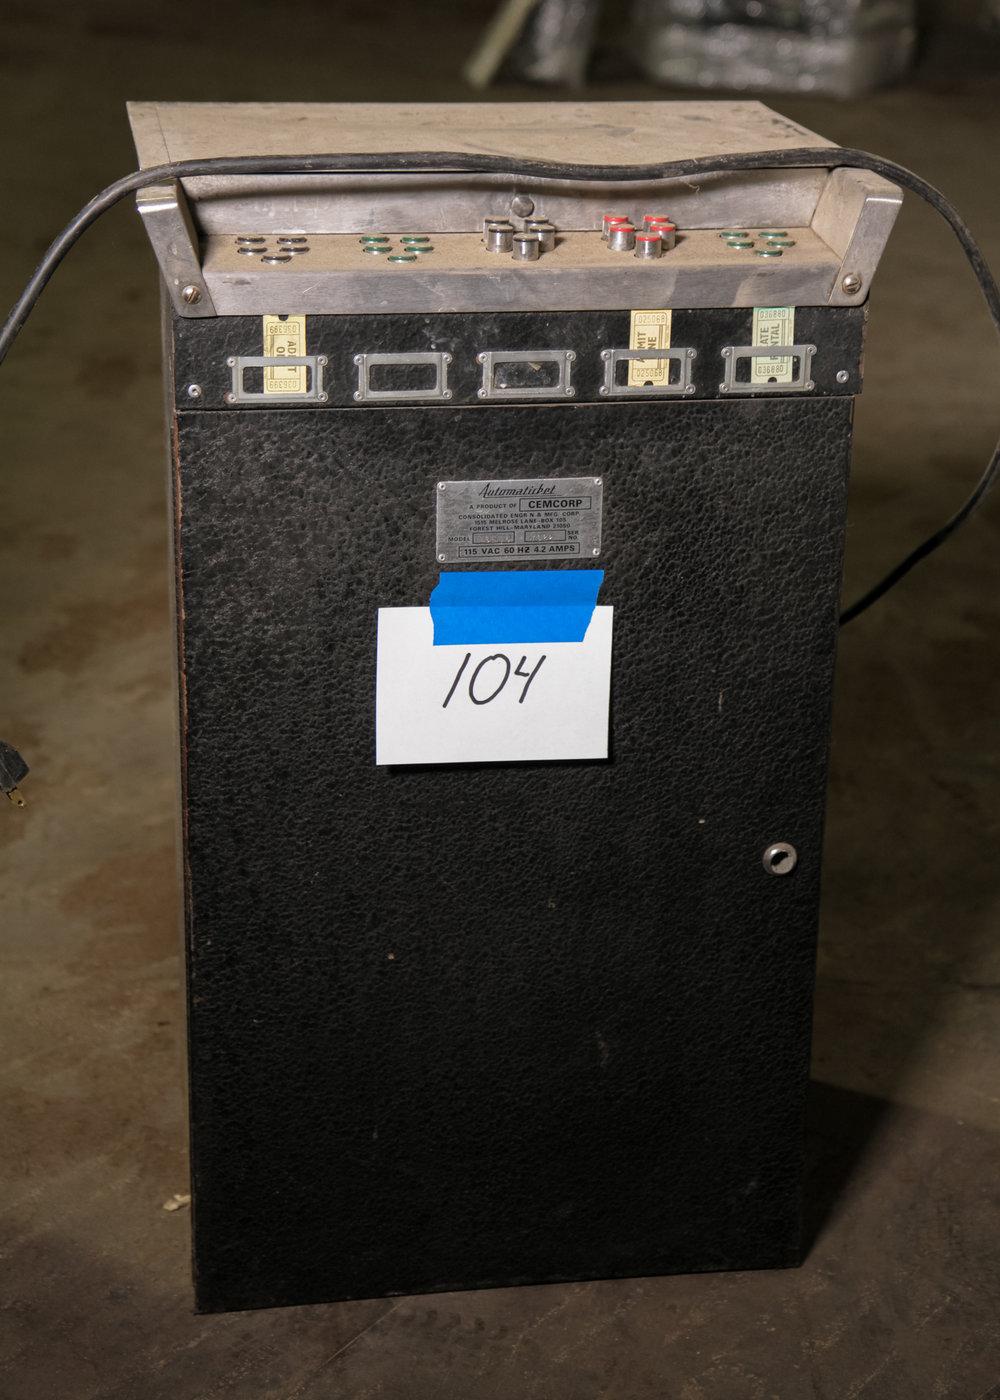 Automaticket Ticket Dispenser Machine